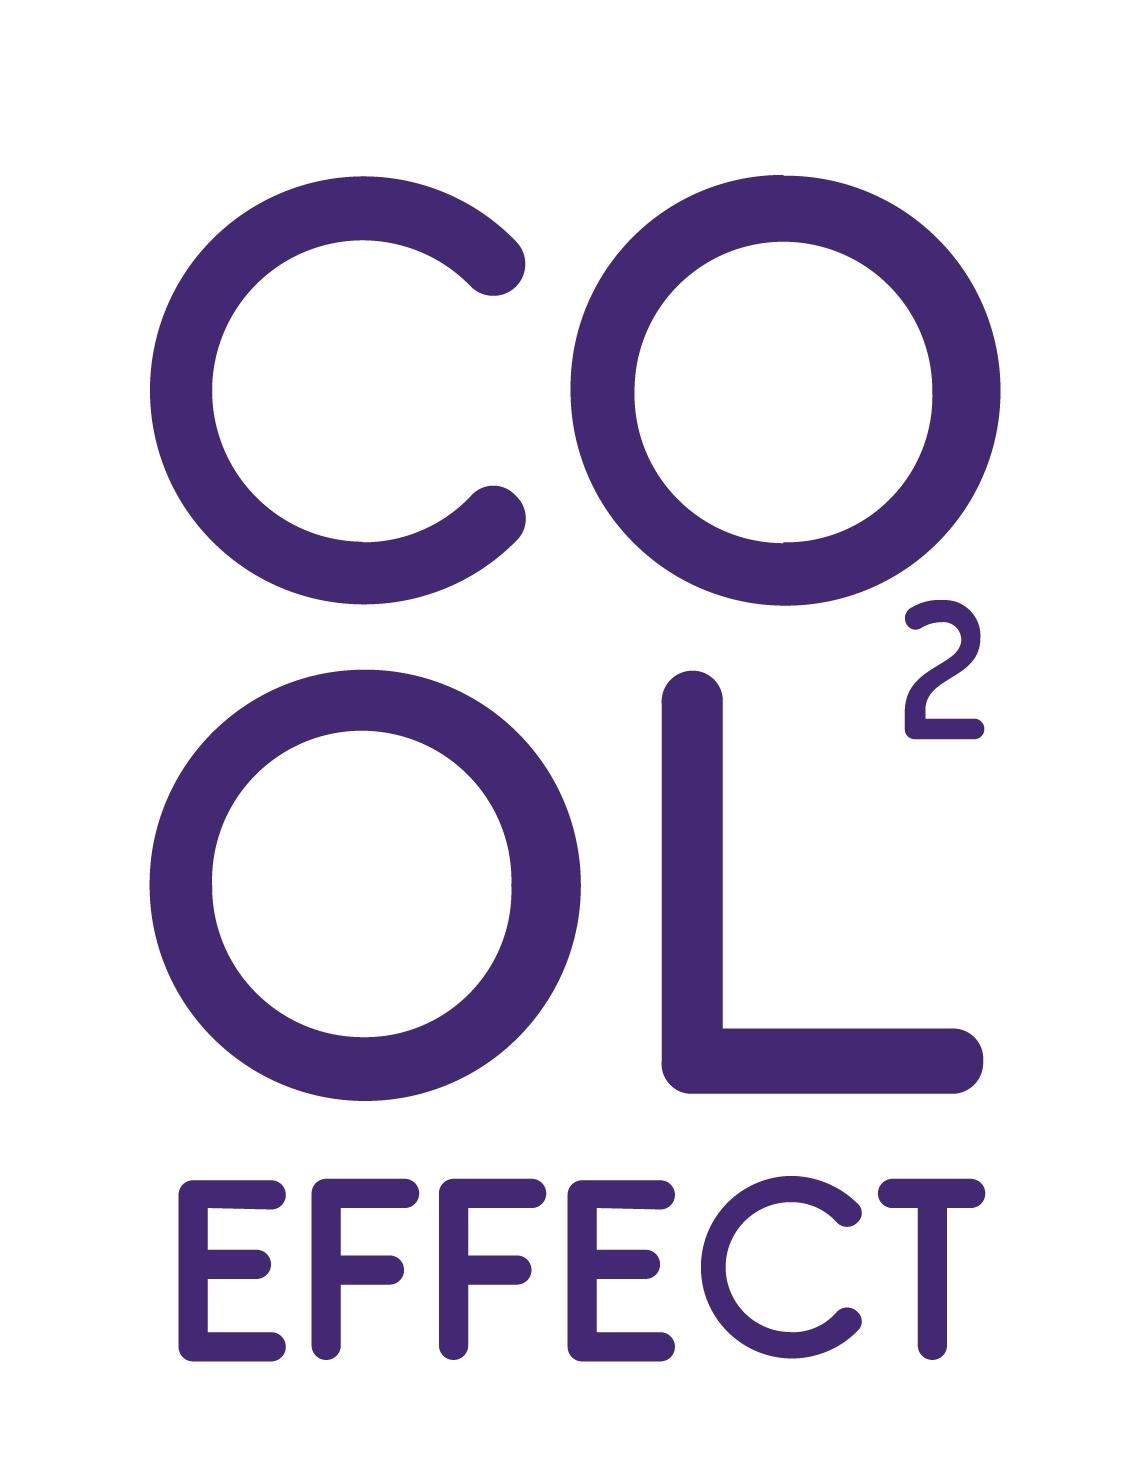 Cool Effect, Inc. logo